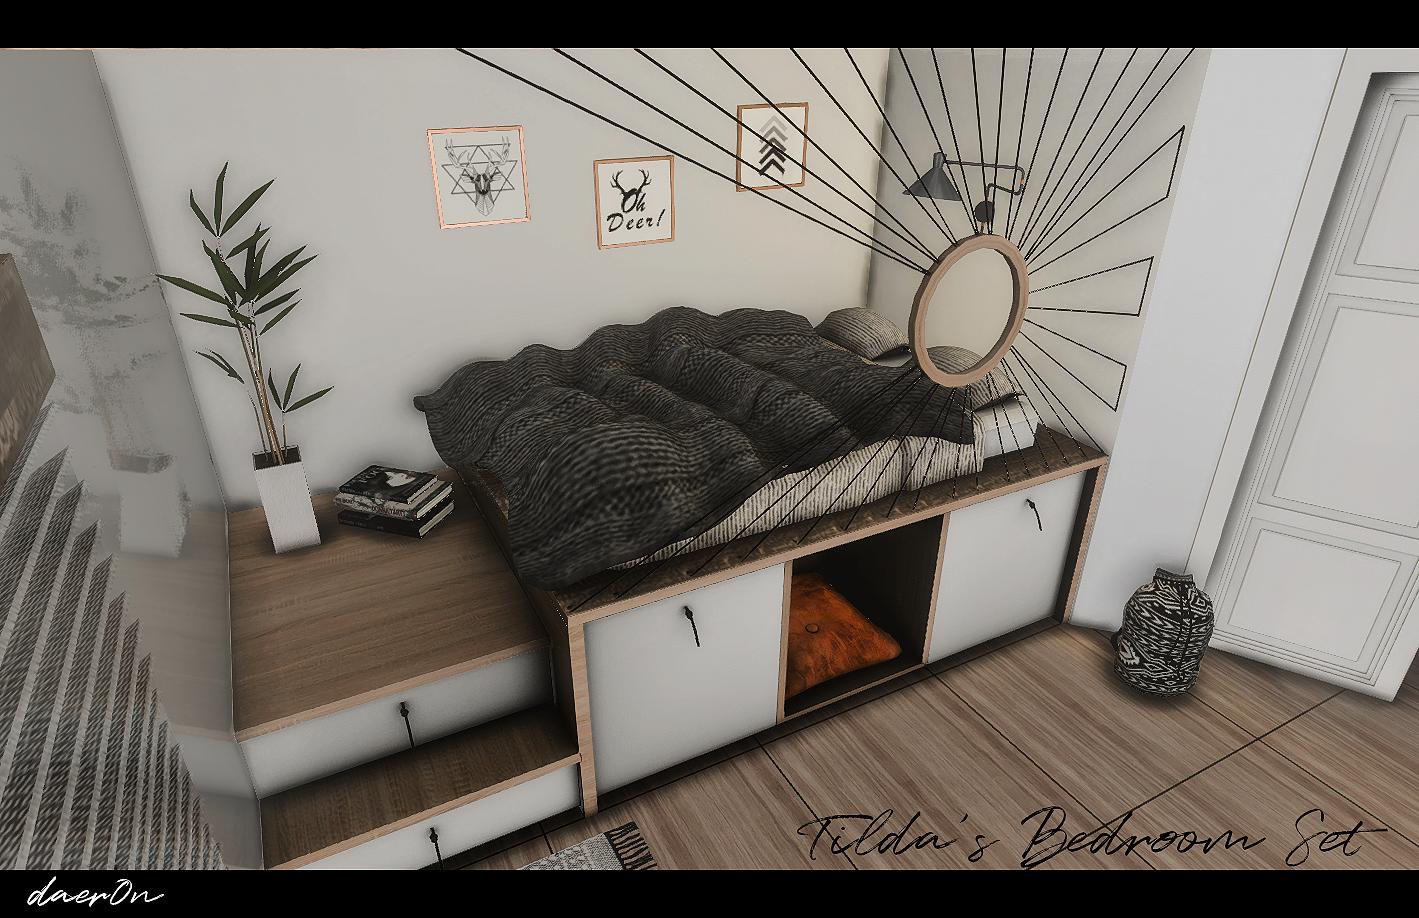 Tilda's Bedroom Part I UPDATED 12/14/2018 daer0n Sims